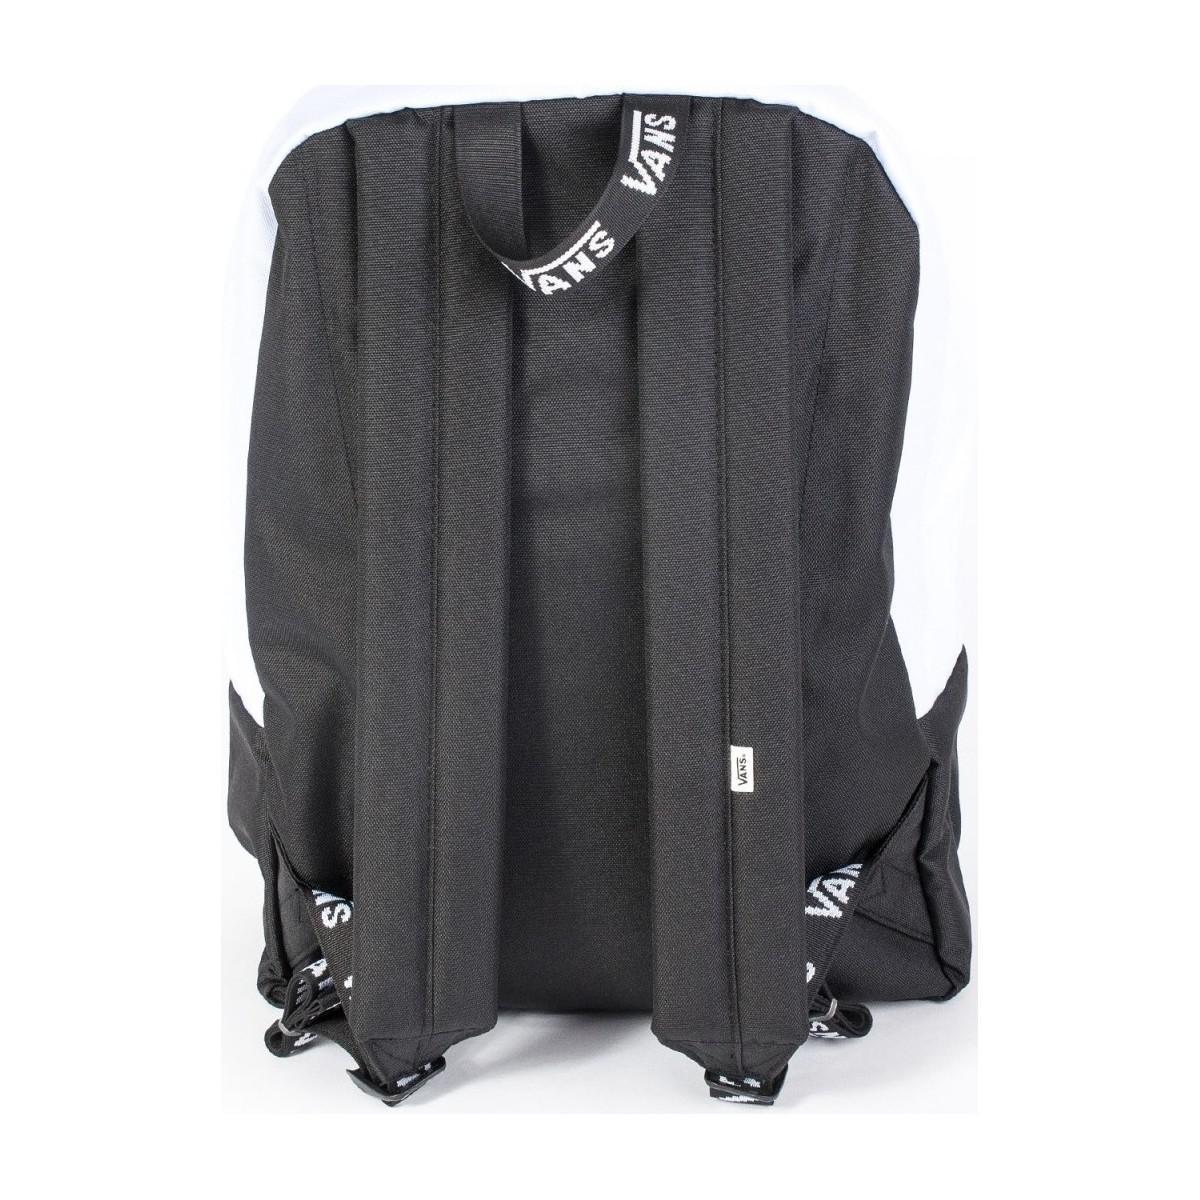 6e0ec58b67e55e Vans - Mochila Sporty Realm Men s Backpack In Black for Men - Lyst. View  fullscreen